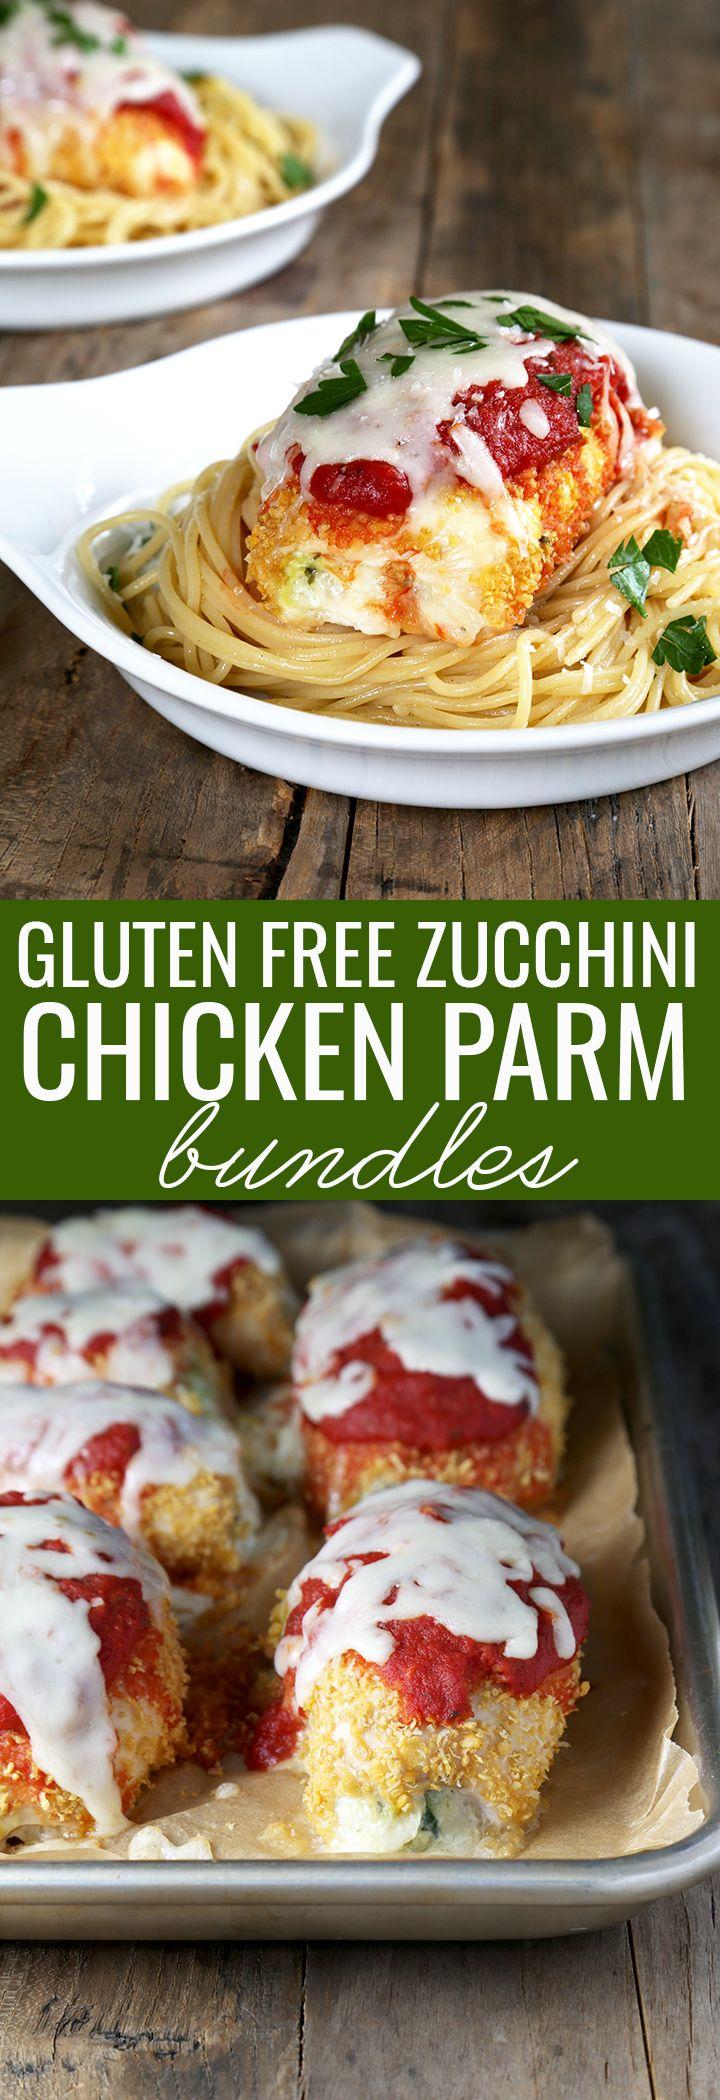 Gluten Free Zucchini Chicken Parmesan Bundles